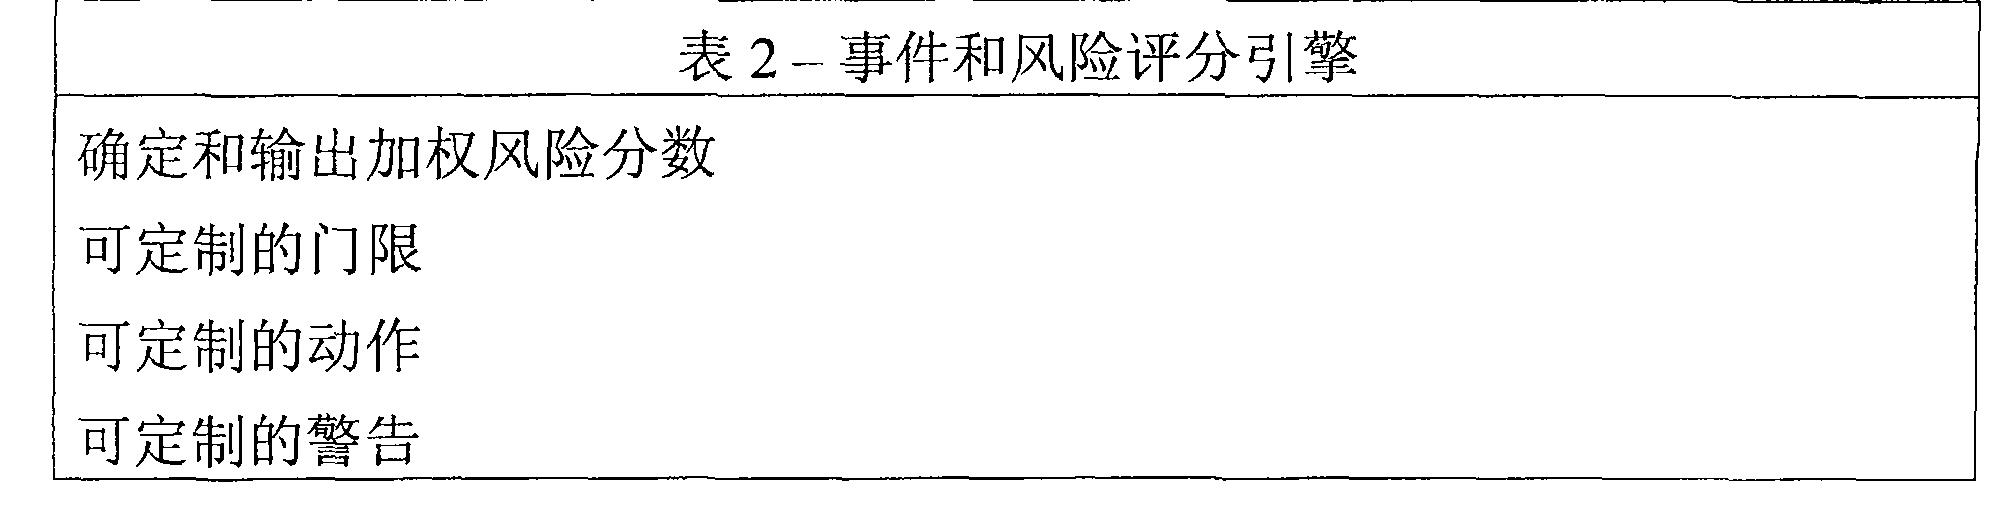 Figure CN101375546BD00131